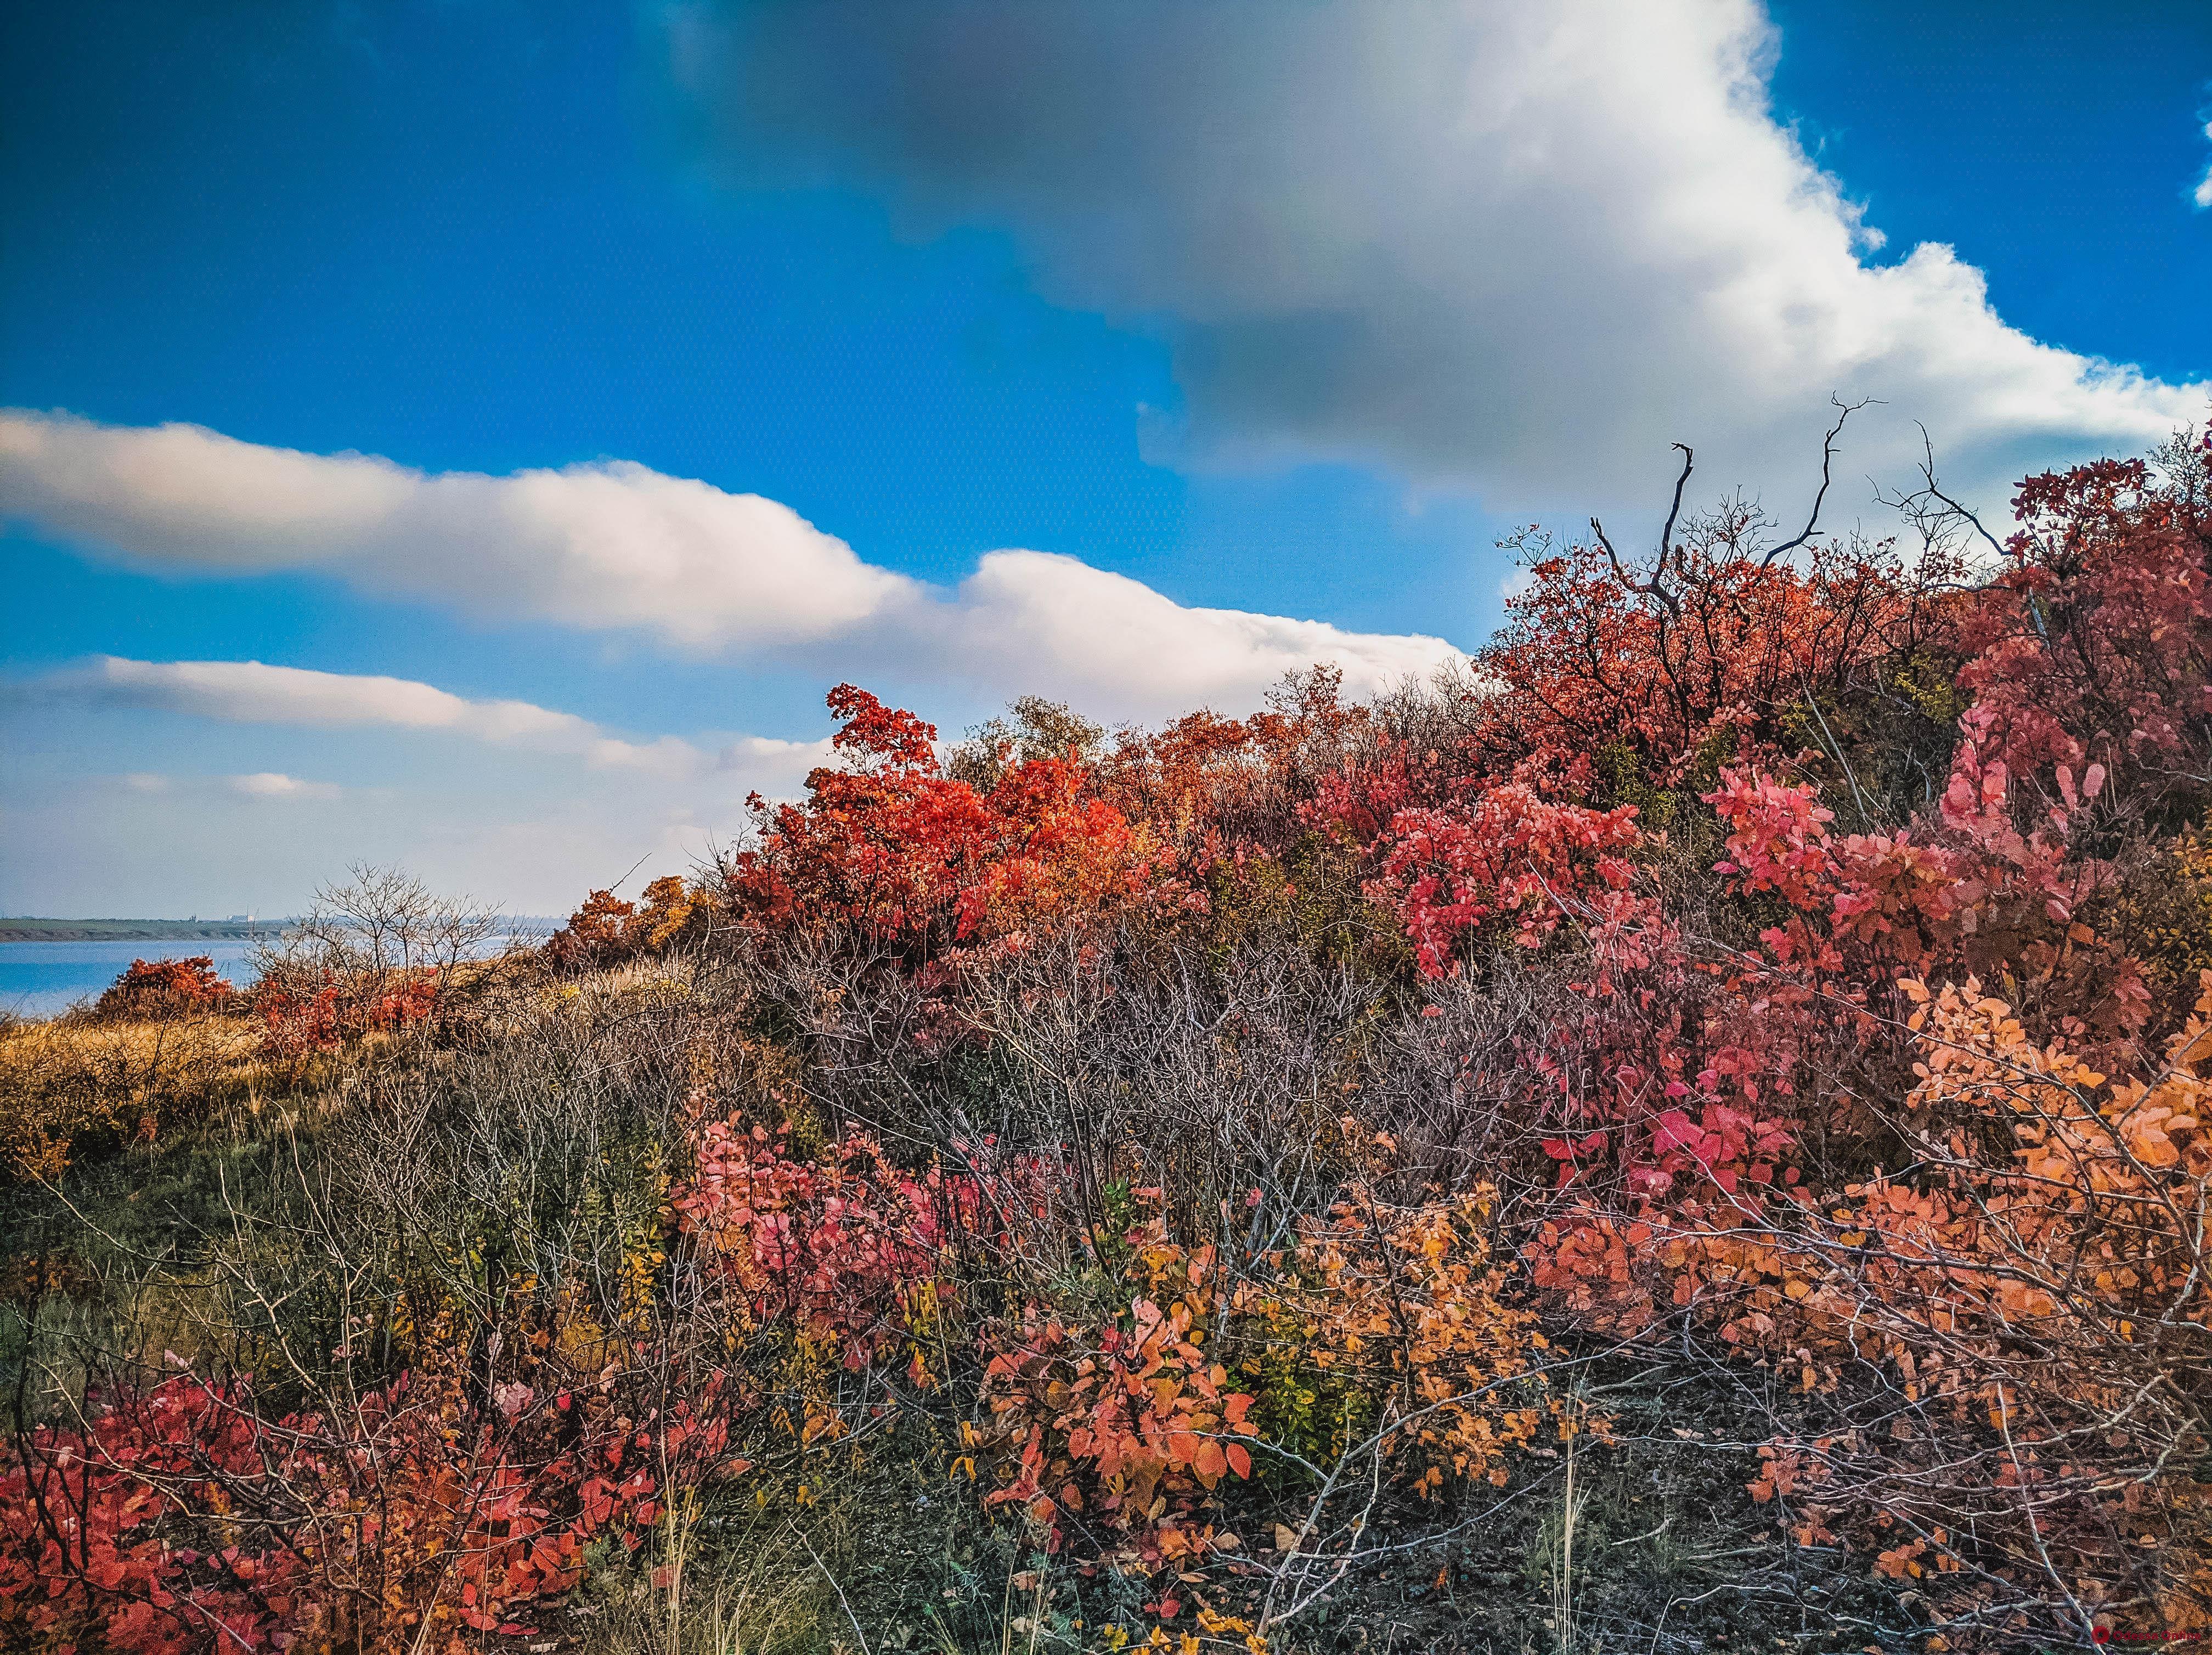 Яркие краски осеннего Куяльника (фоторепортаж)